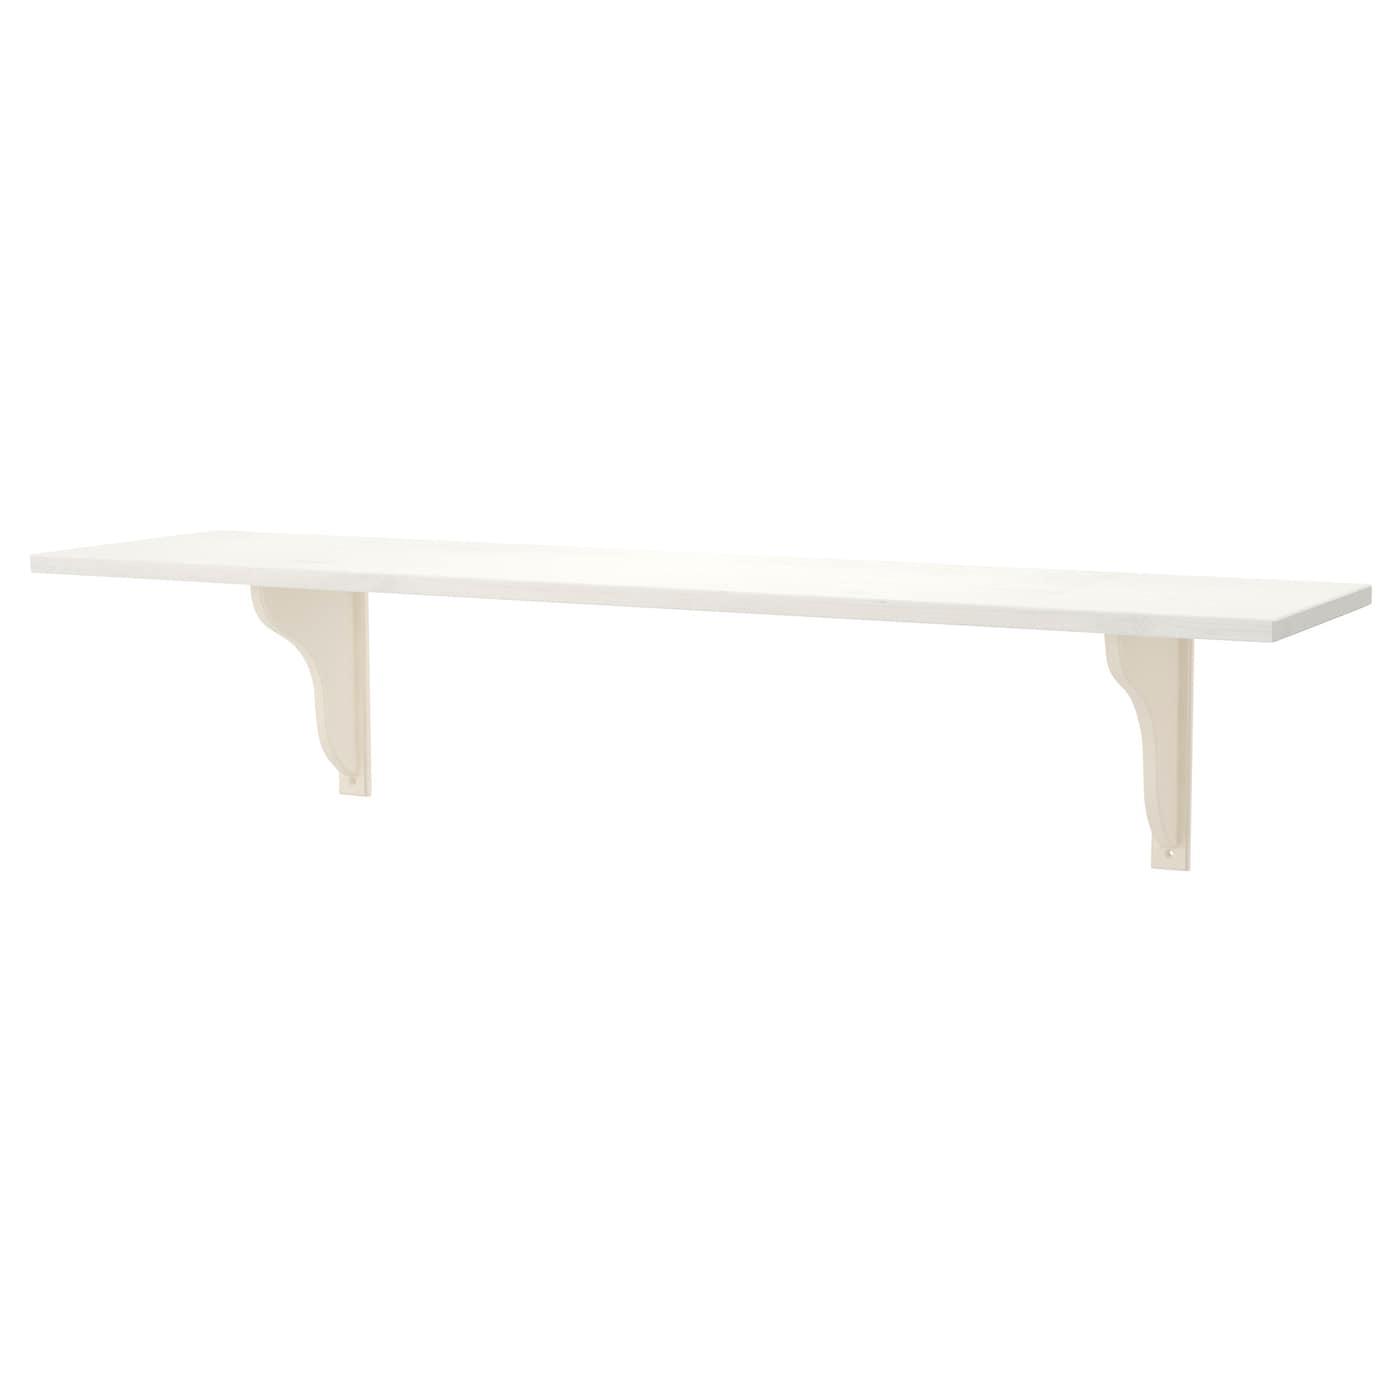 ekby hemnes ekby hensvik wall shelf white stain white 119x28 cm ikea. Black Bedroom Furniture Sets. Home Design Ideas